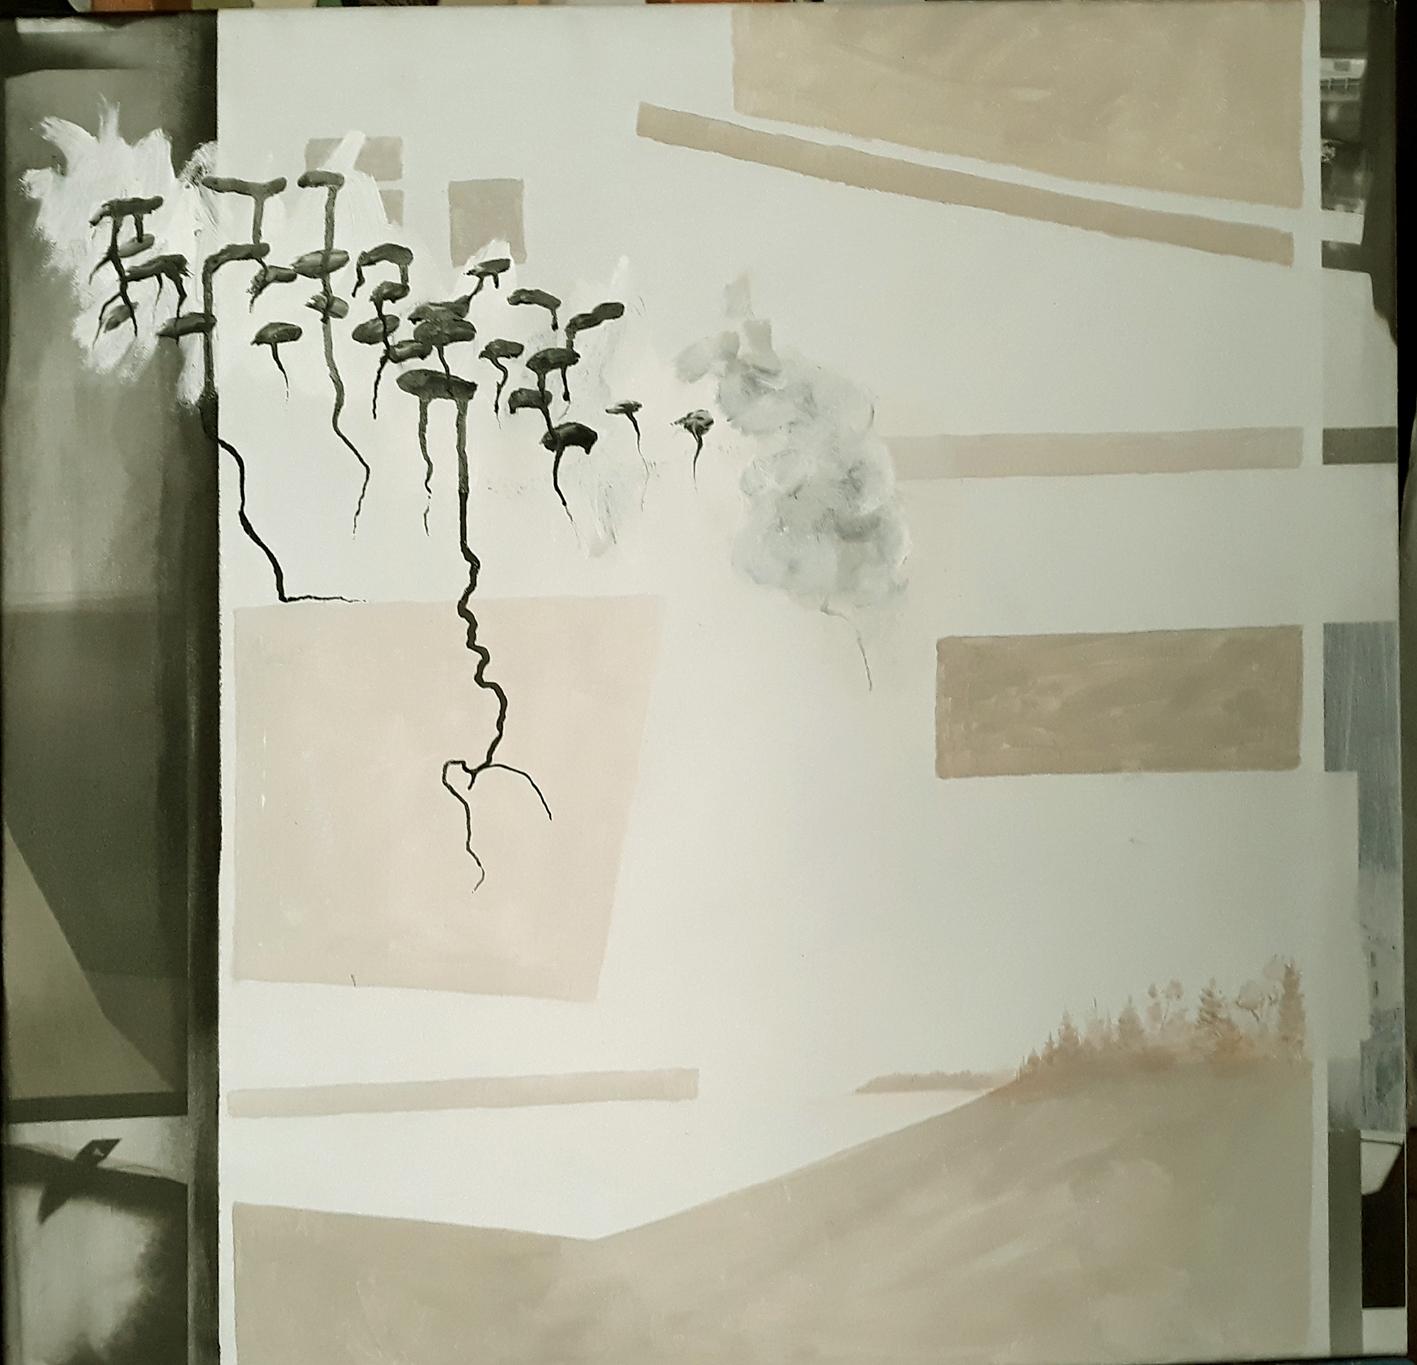 als fünfter: Christoph Mayer mit Acryl und Tusche